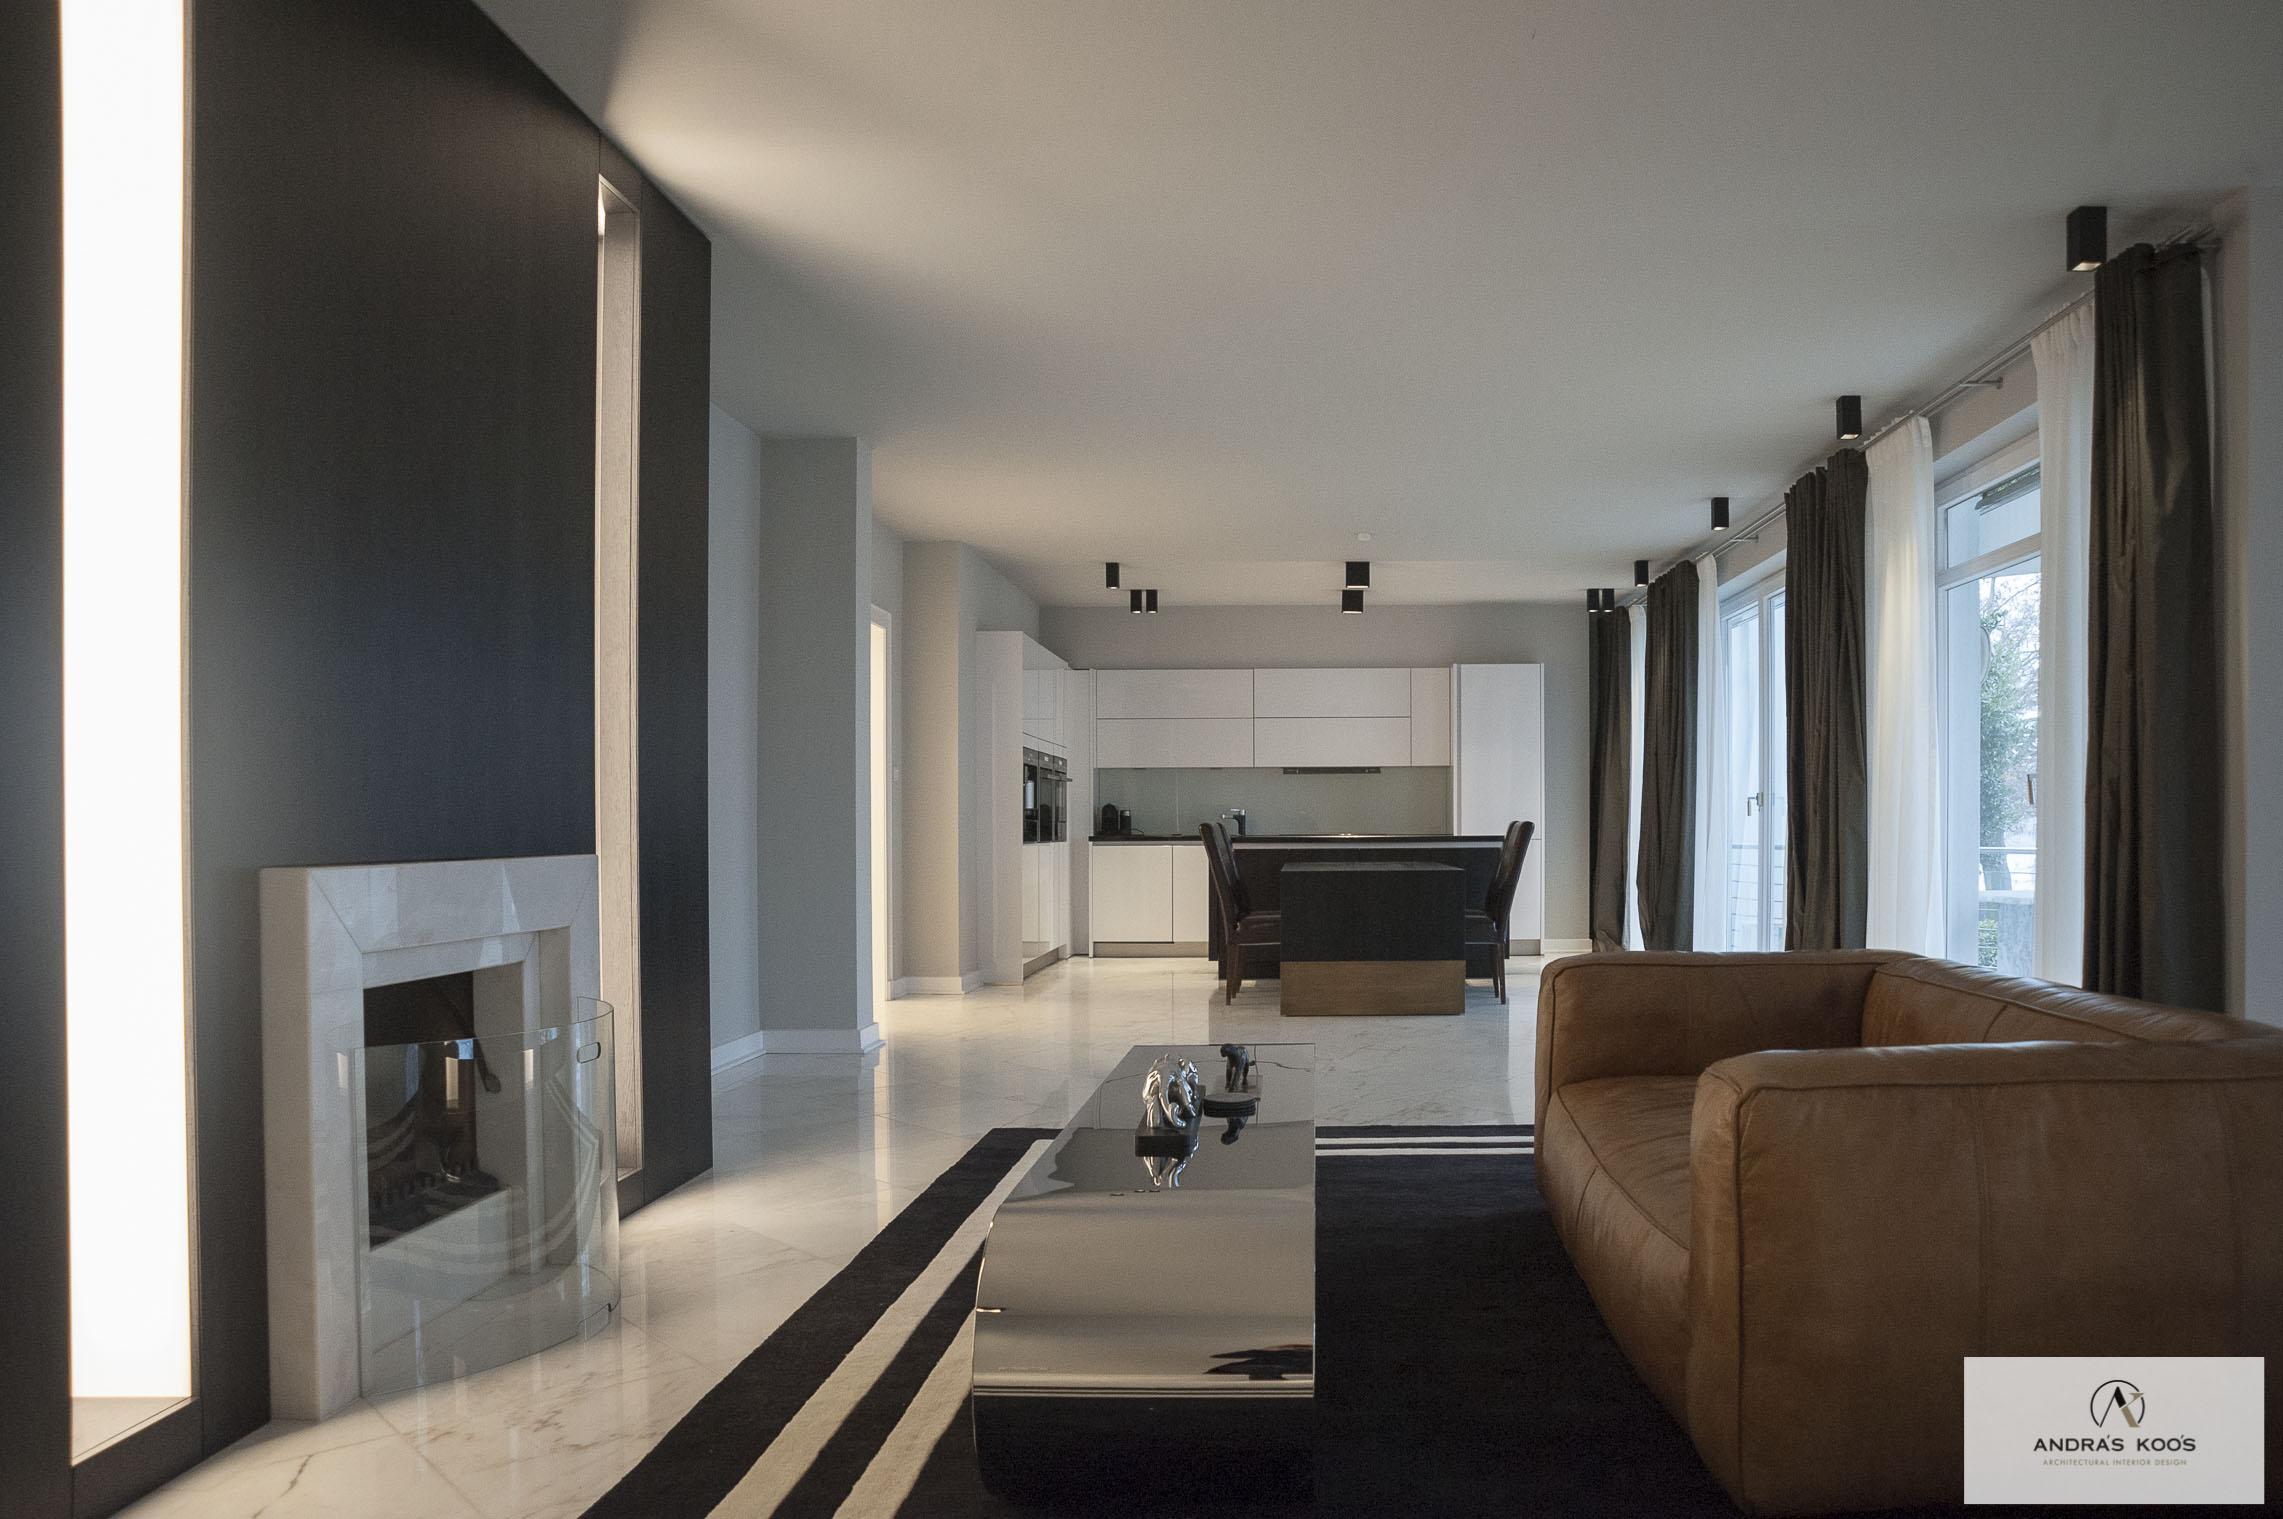 Honorar Innenarchitekt der innenarchitekt im vergleich zum interior designer was ist der